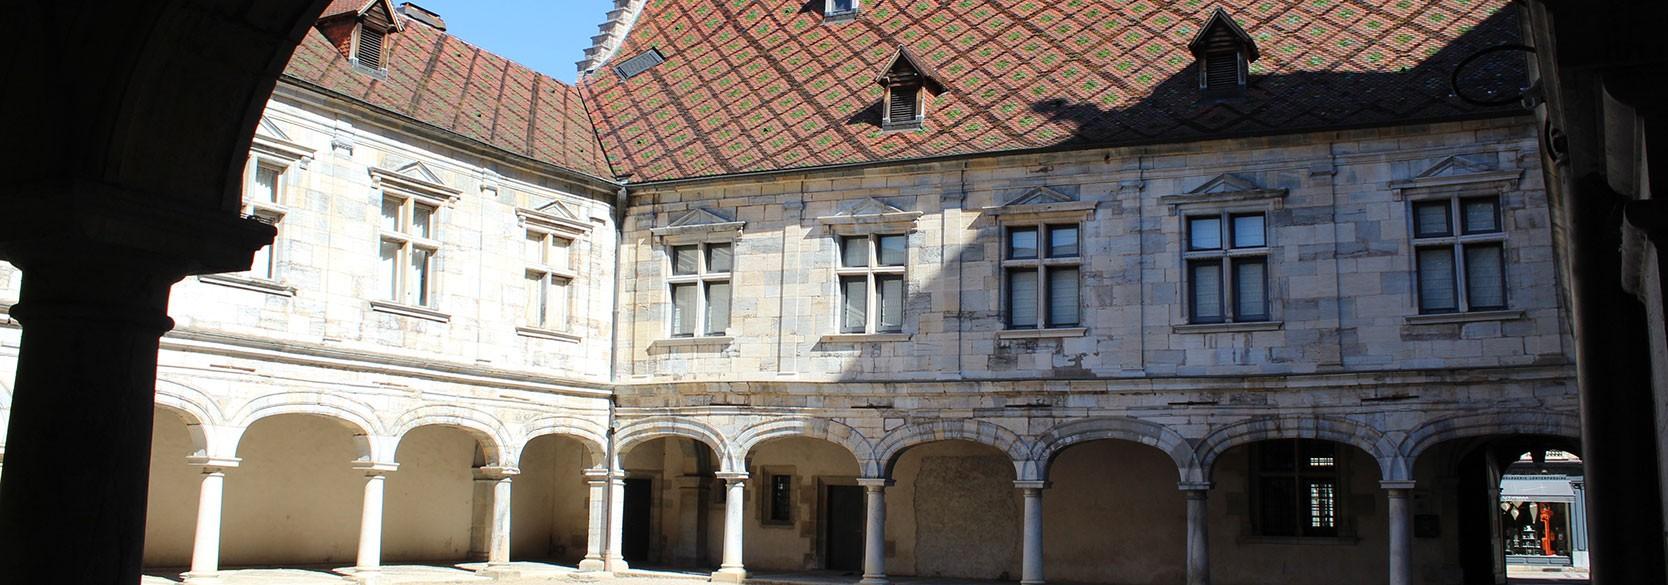 Le Palais Granvelle